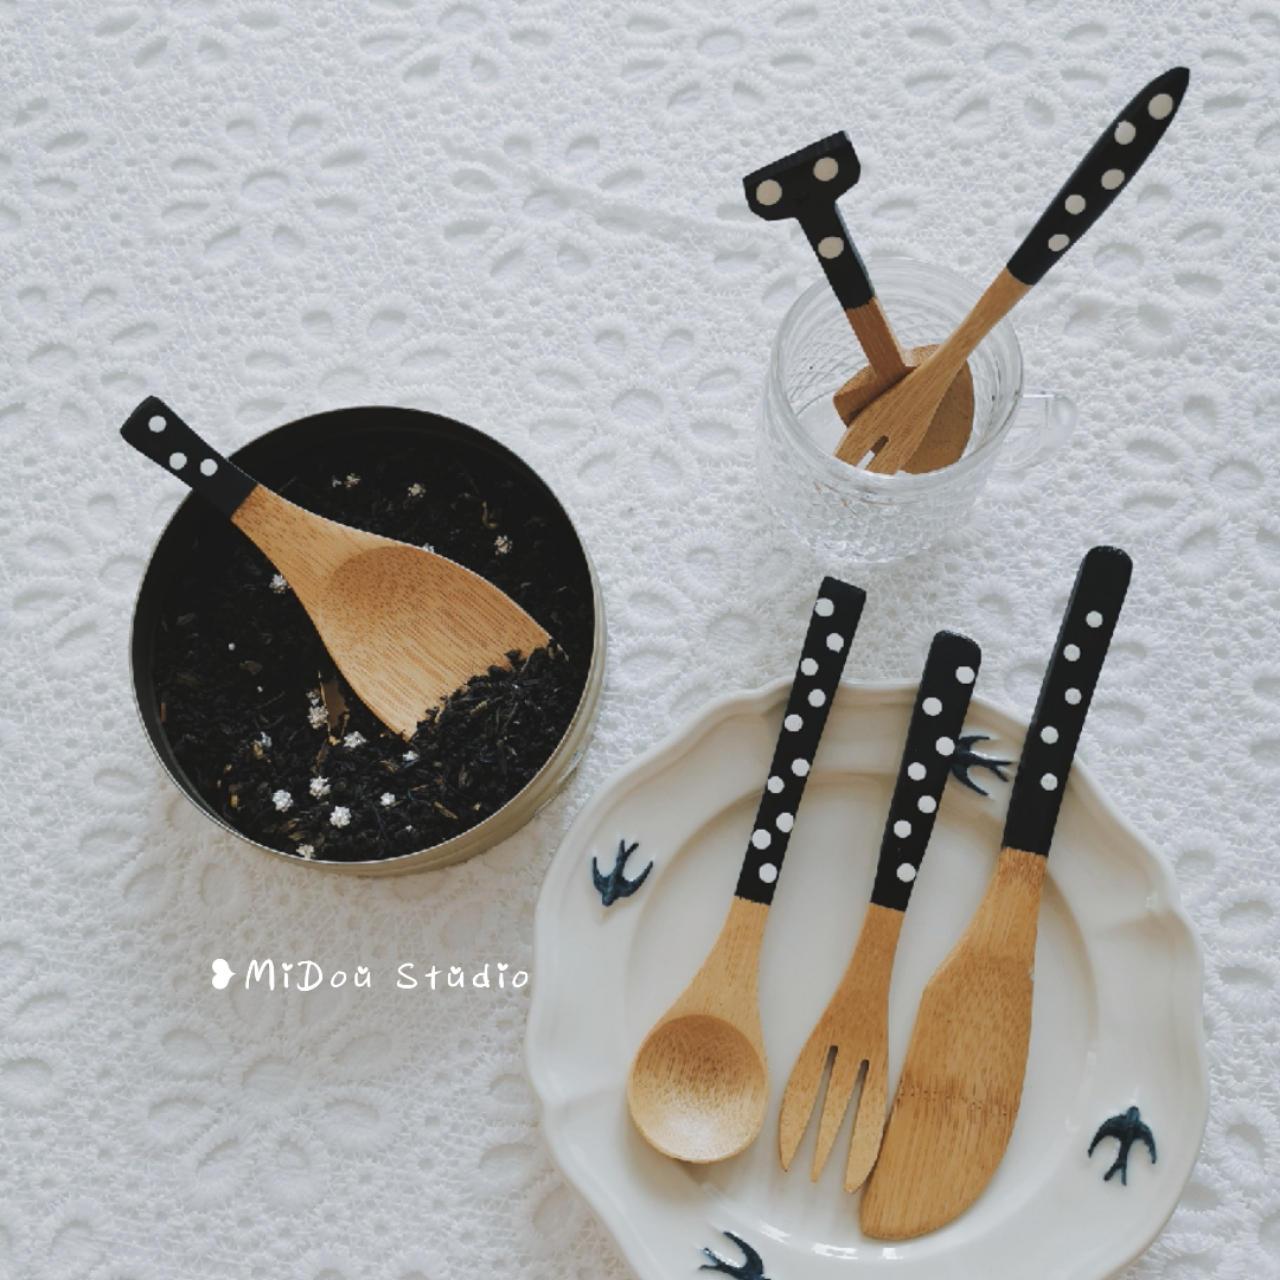 Spot Gỗ tự nhiên Nhật Bản dễ thương sóng nước ngọc bích tay làm cà phê thìa tráng miệng nĩa thìa trà dao kéo - Đồ ăn tối